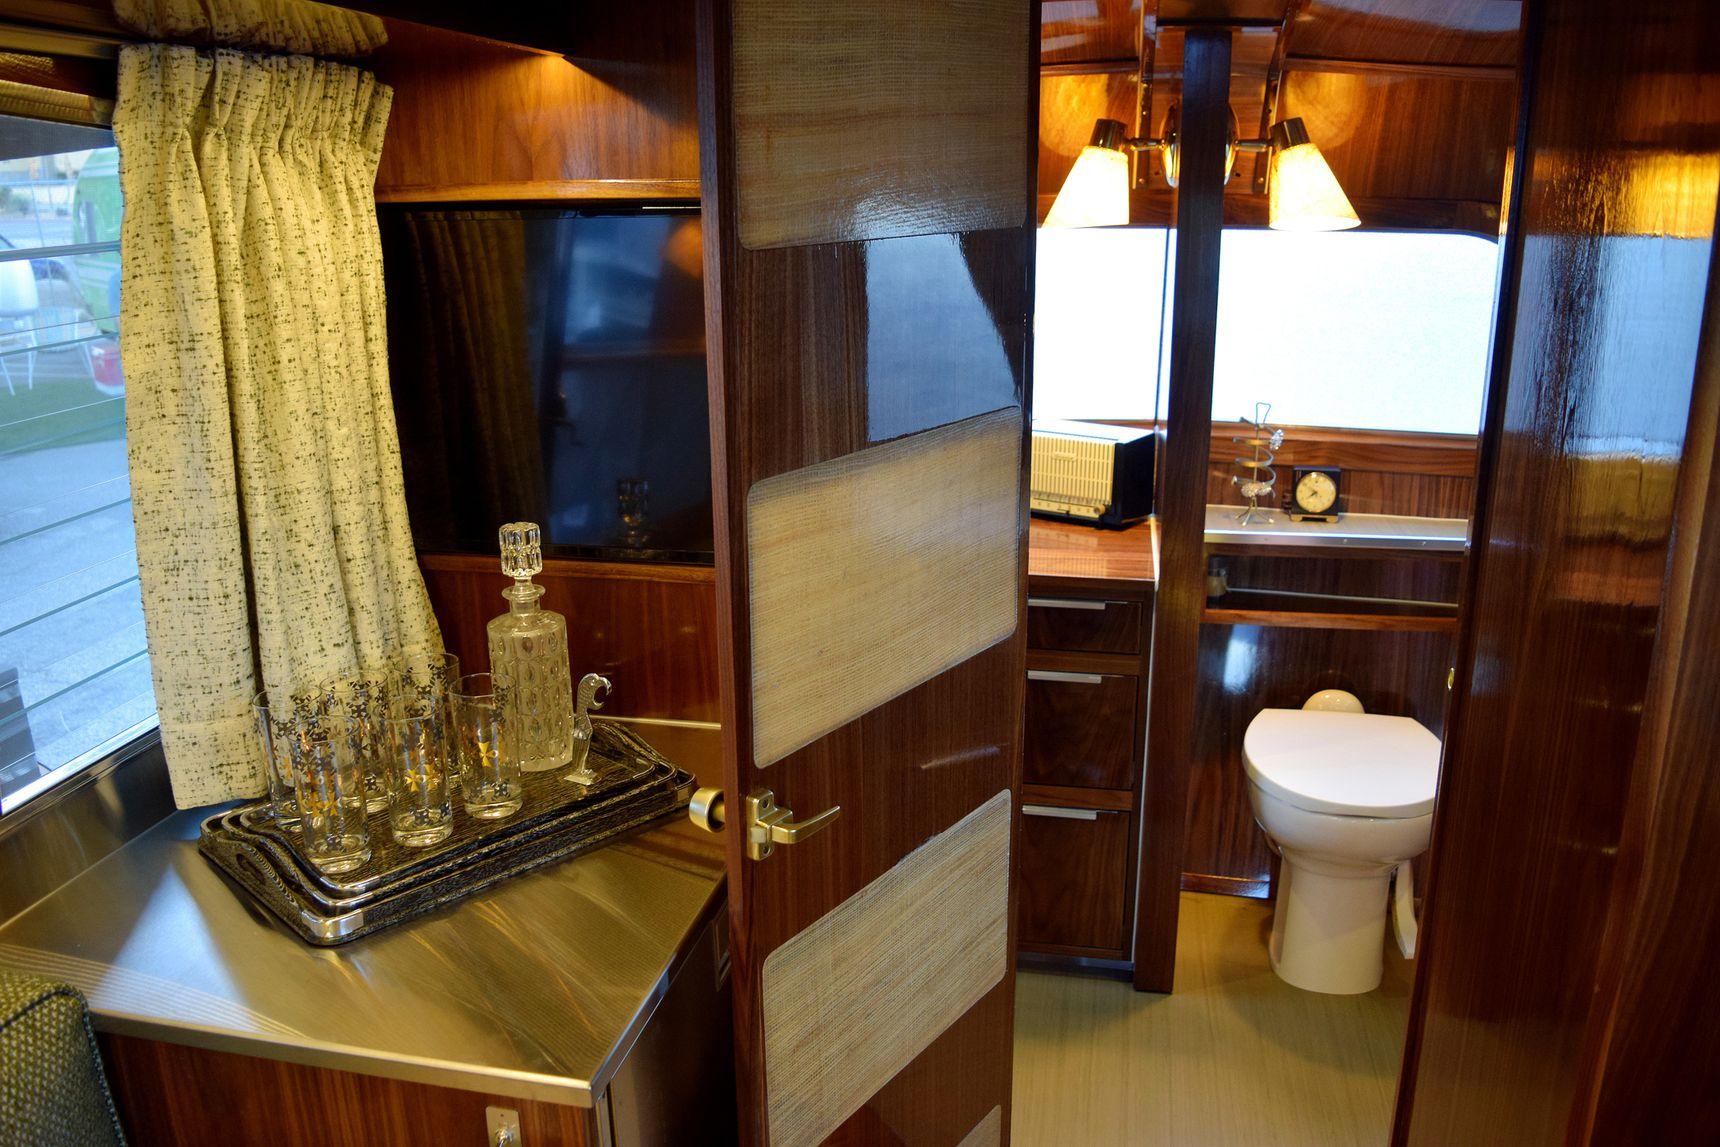 vintage camper - washroom